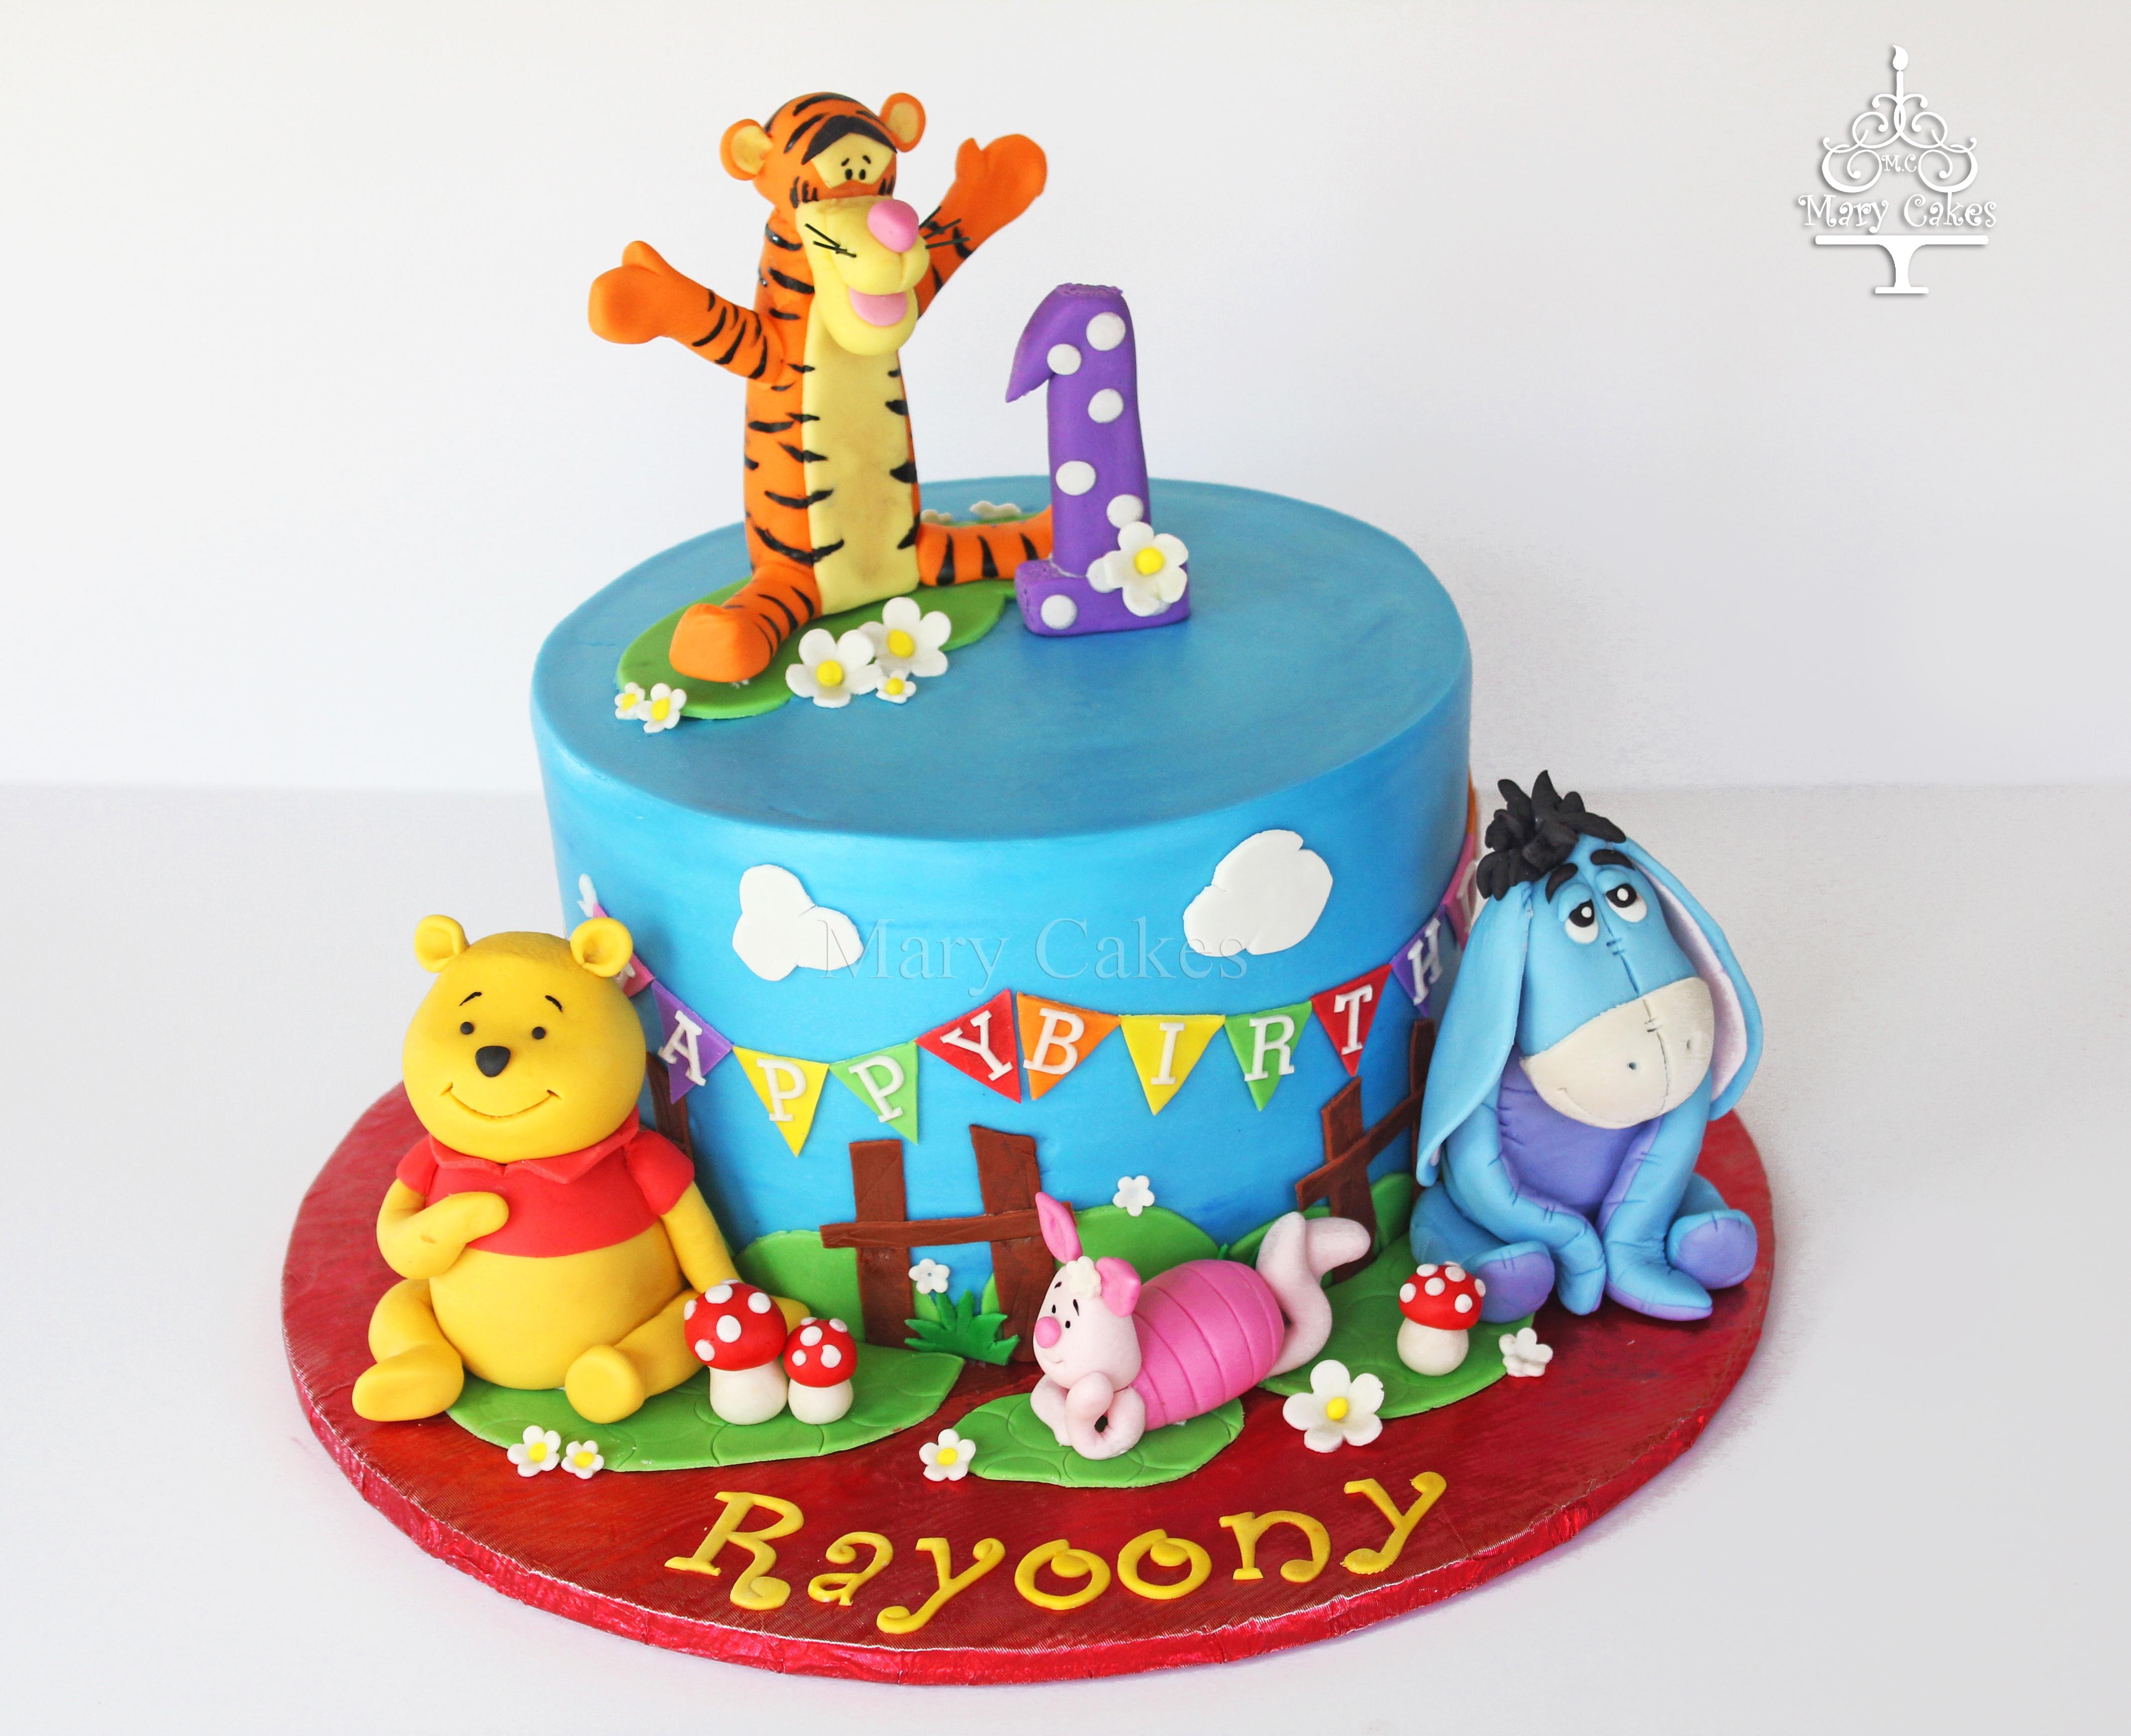 Winnie The Pooh Cake Cakecentralcom